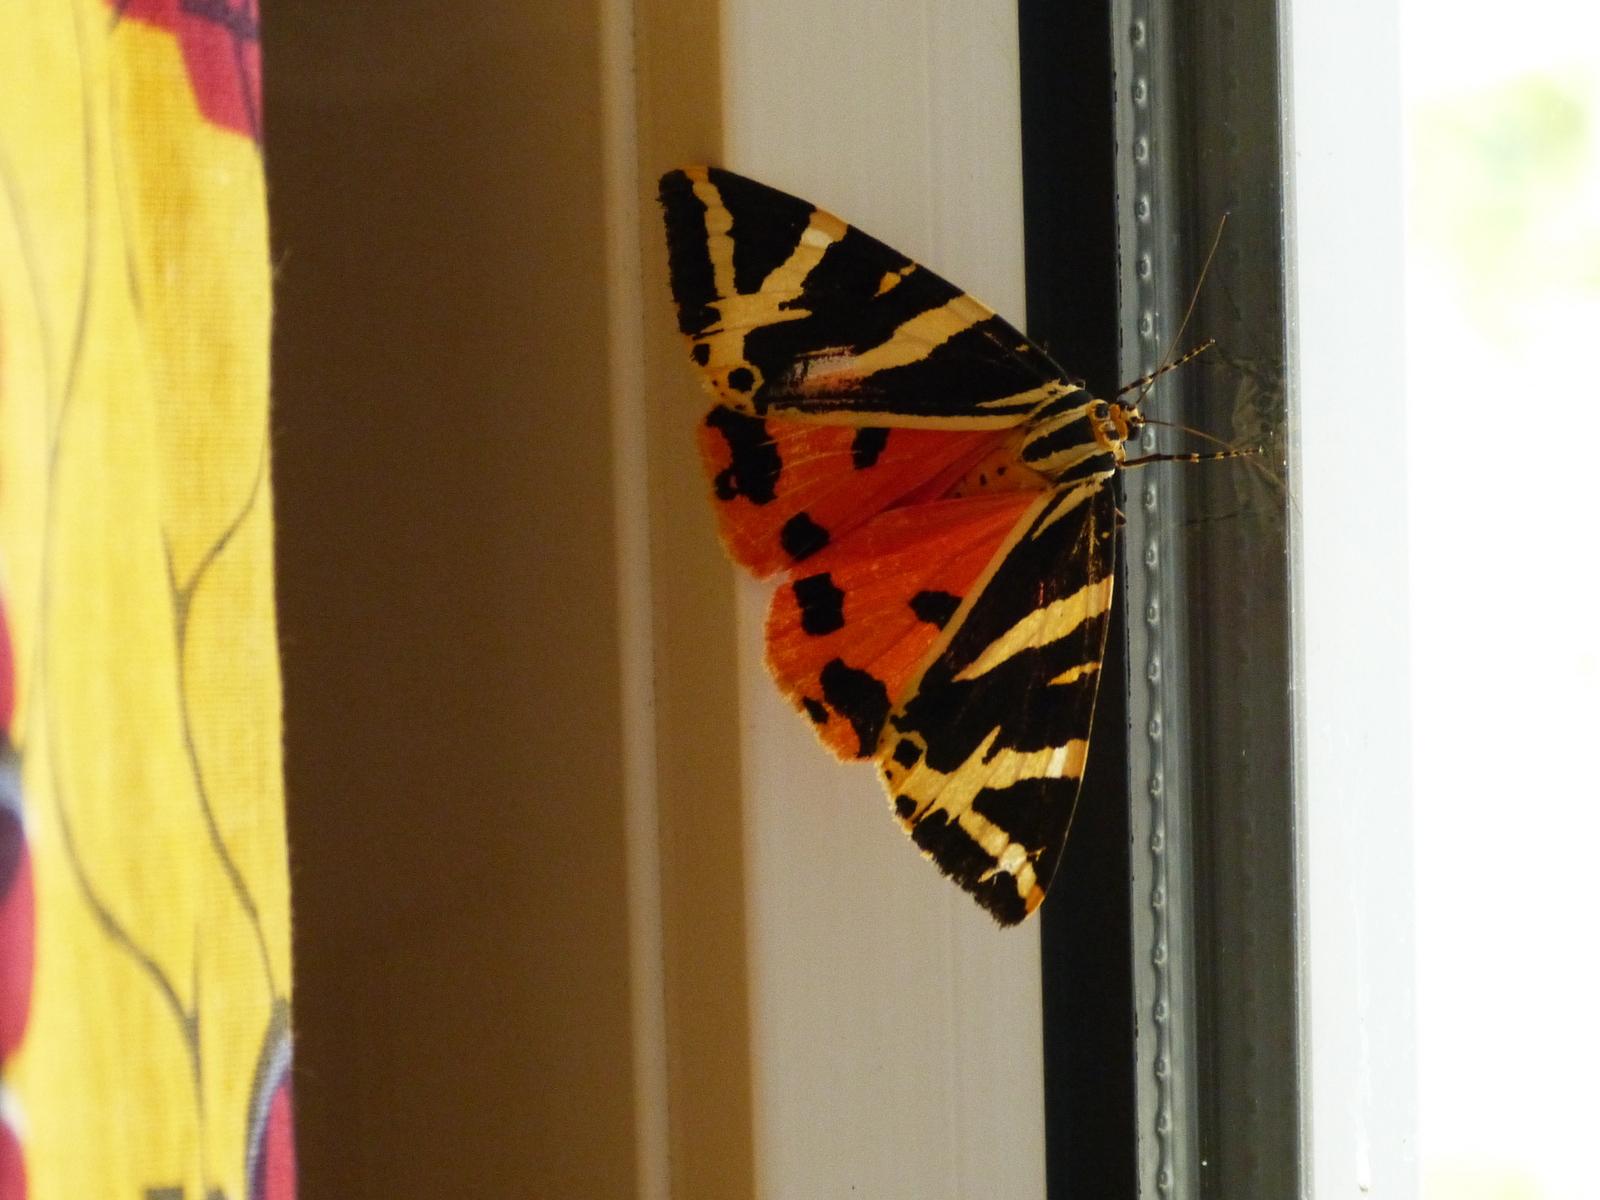 Arctia caja papillon de nuit chroniques ordinaires des petits moments de la vie r taise - Duree de vie papillon de nuit ...